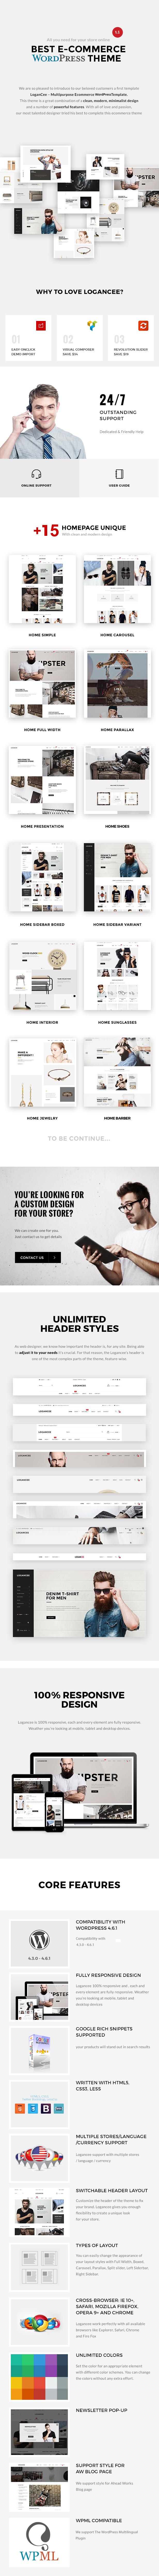 Фото Платный шаблон Wordpress  Logancee - Multipurpose Ecommerce Store Retail Woocommerce Theme — 1logancee wordpress